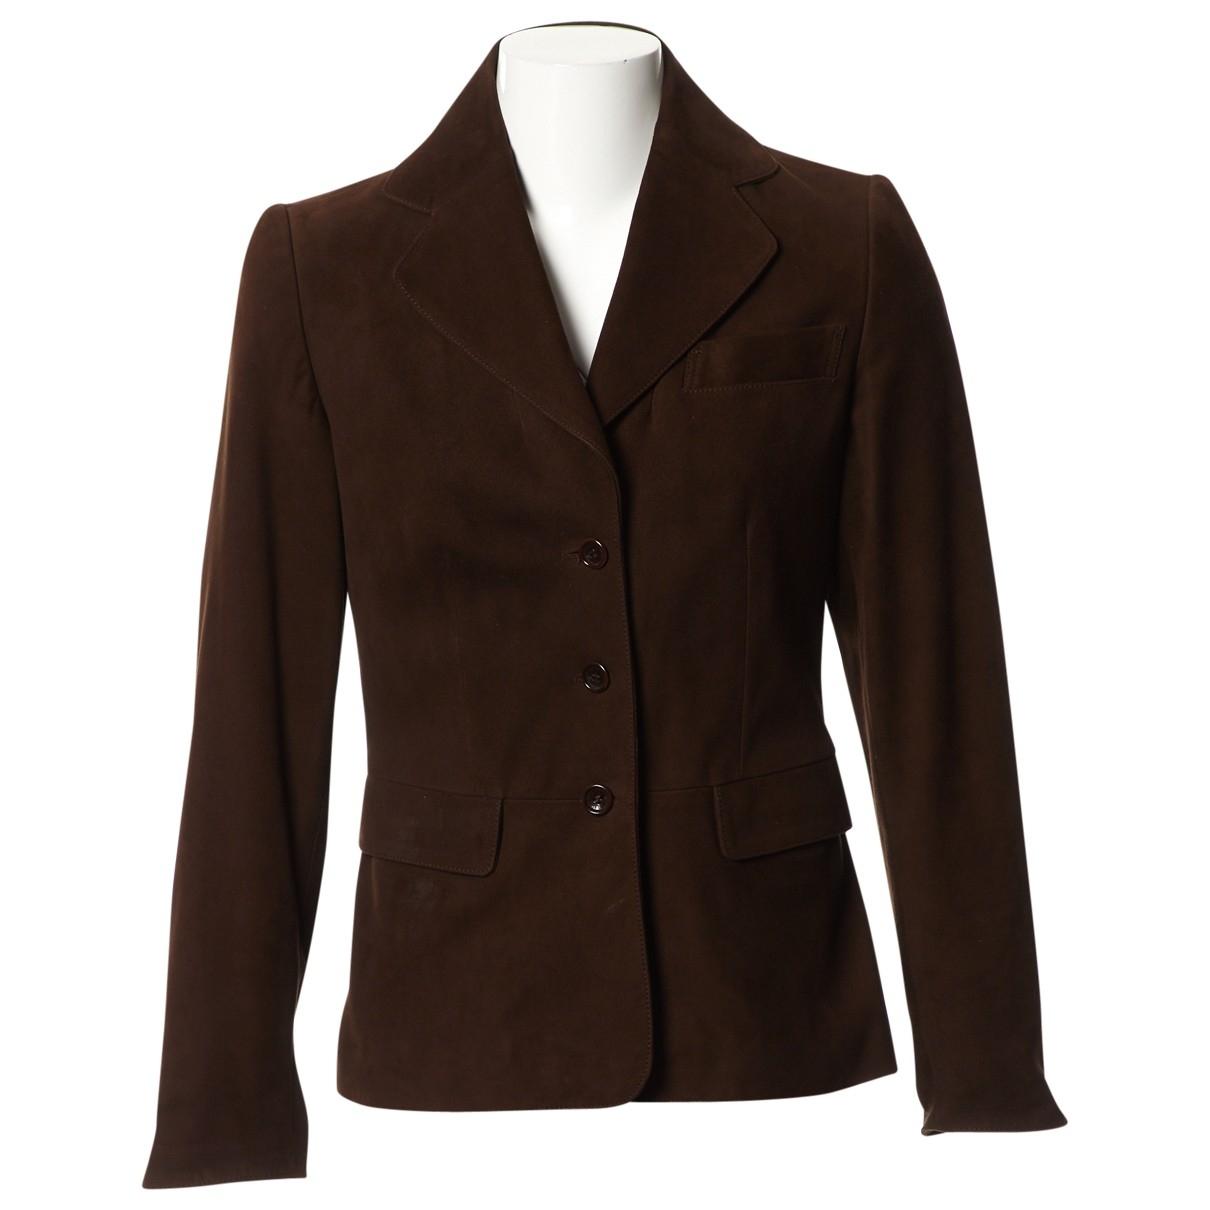 Loewe \N Brown Suede jacket for Women 38 FR